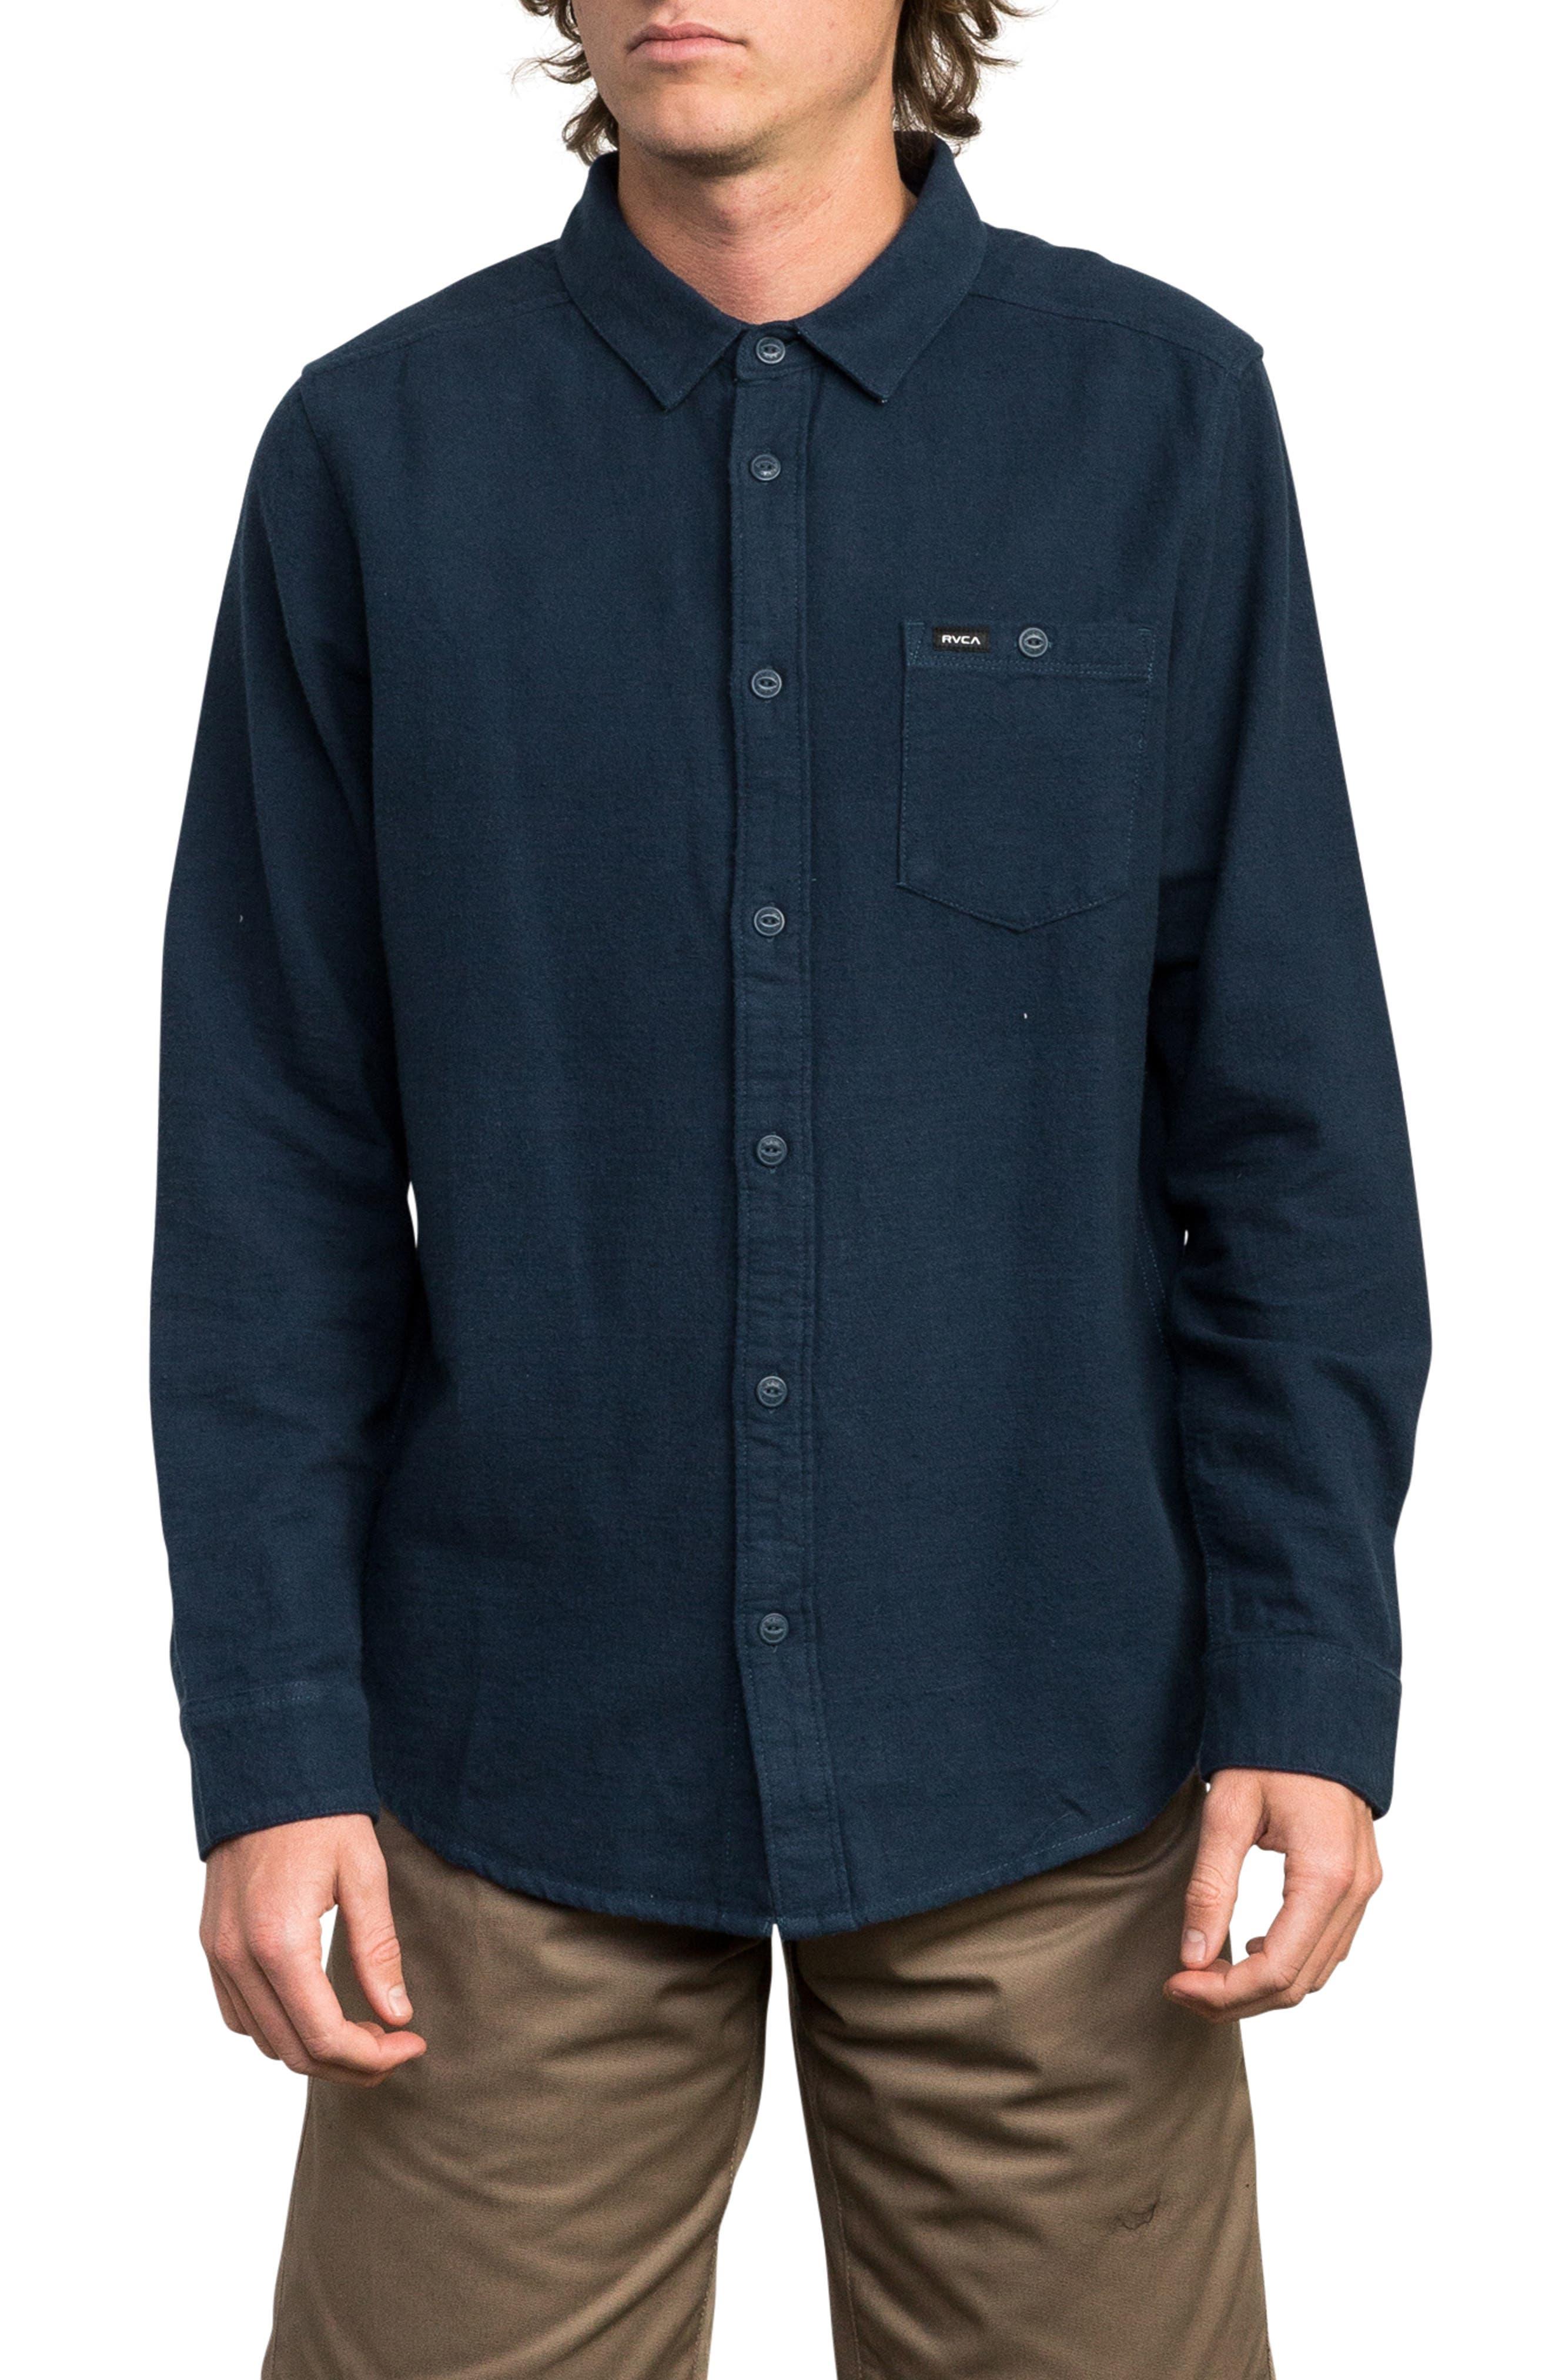 Public Works Flannel Shirt,                             Main thumbnail 1, color,                             487